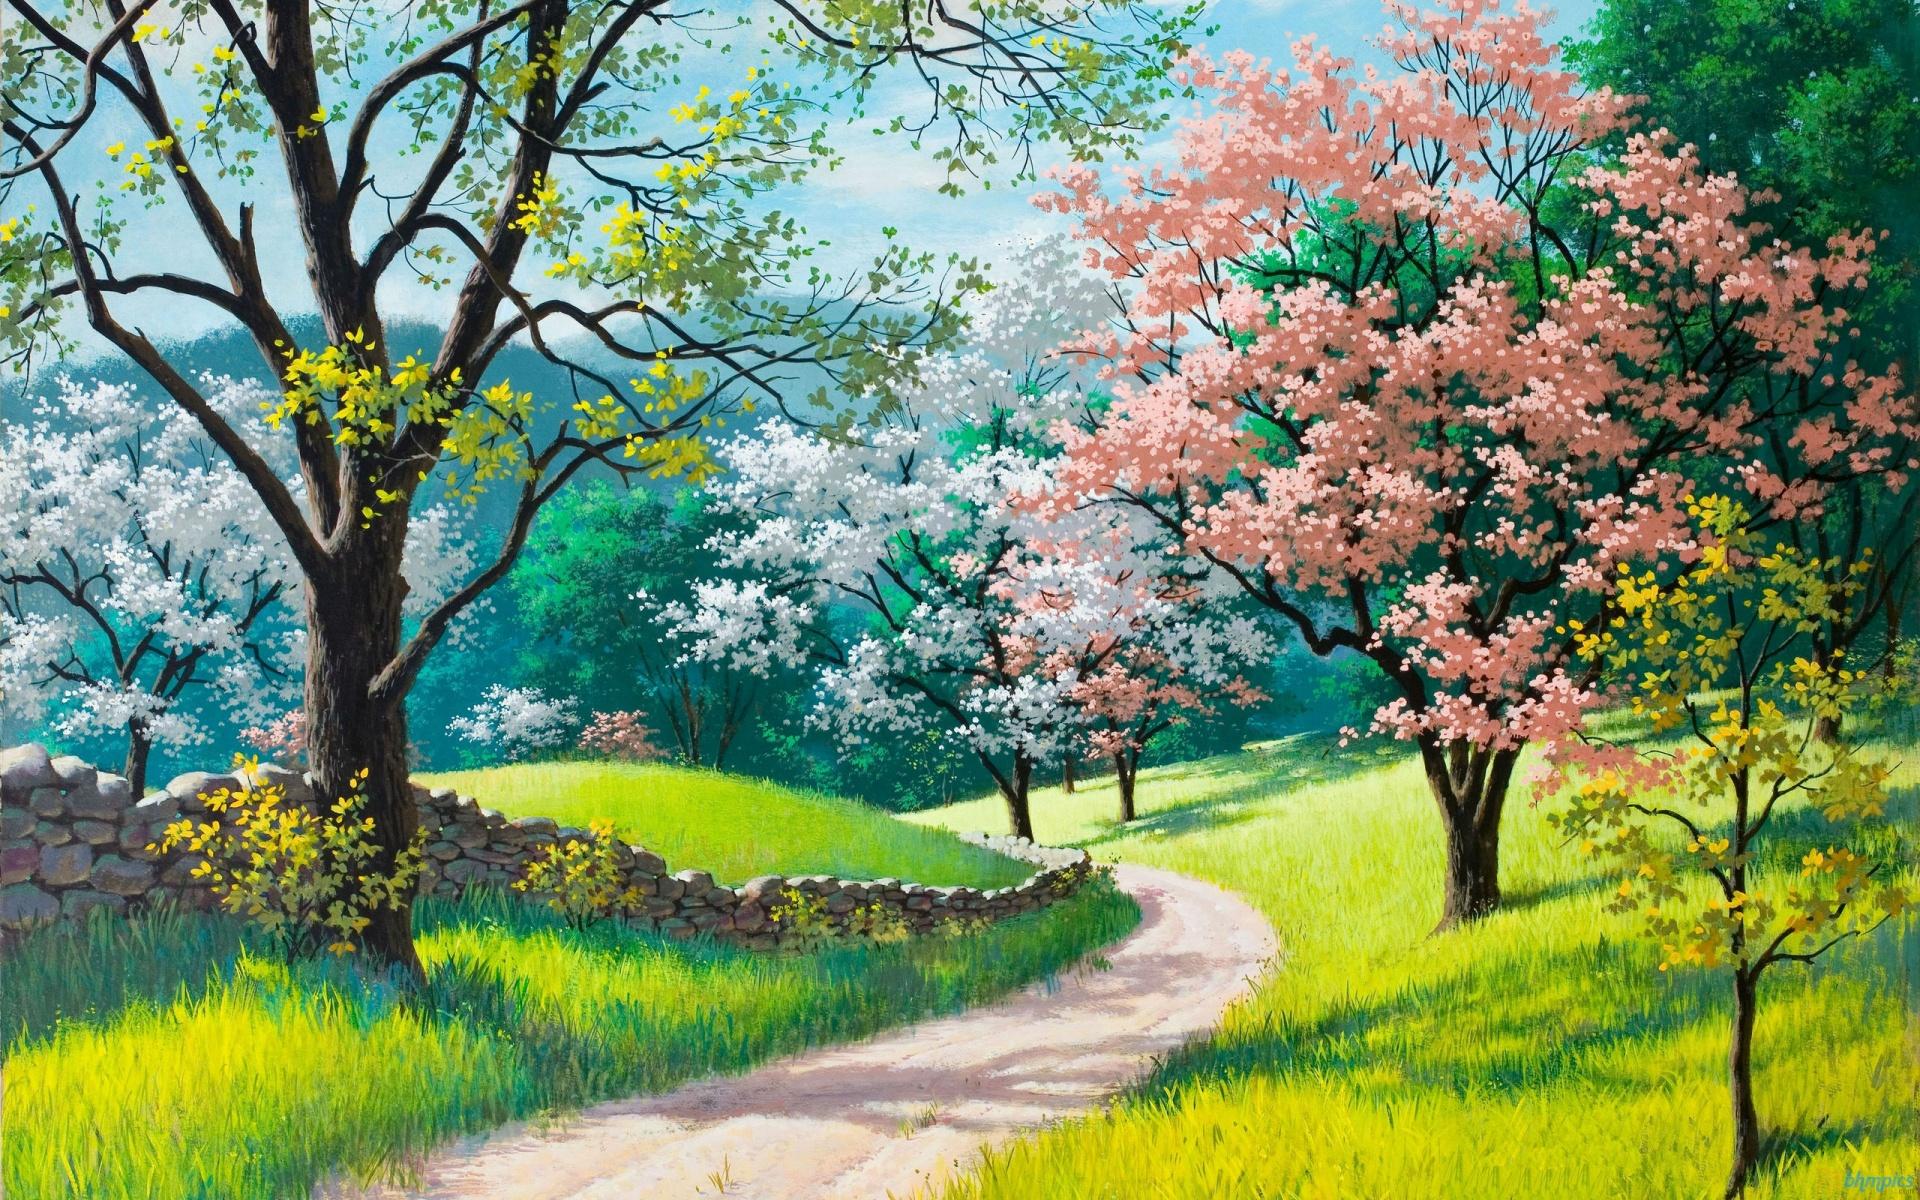 Spring Wallpaper for Mac WallpaperSafari